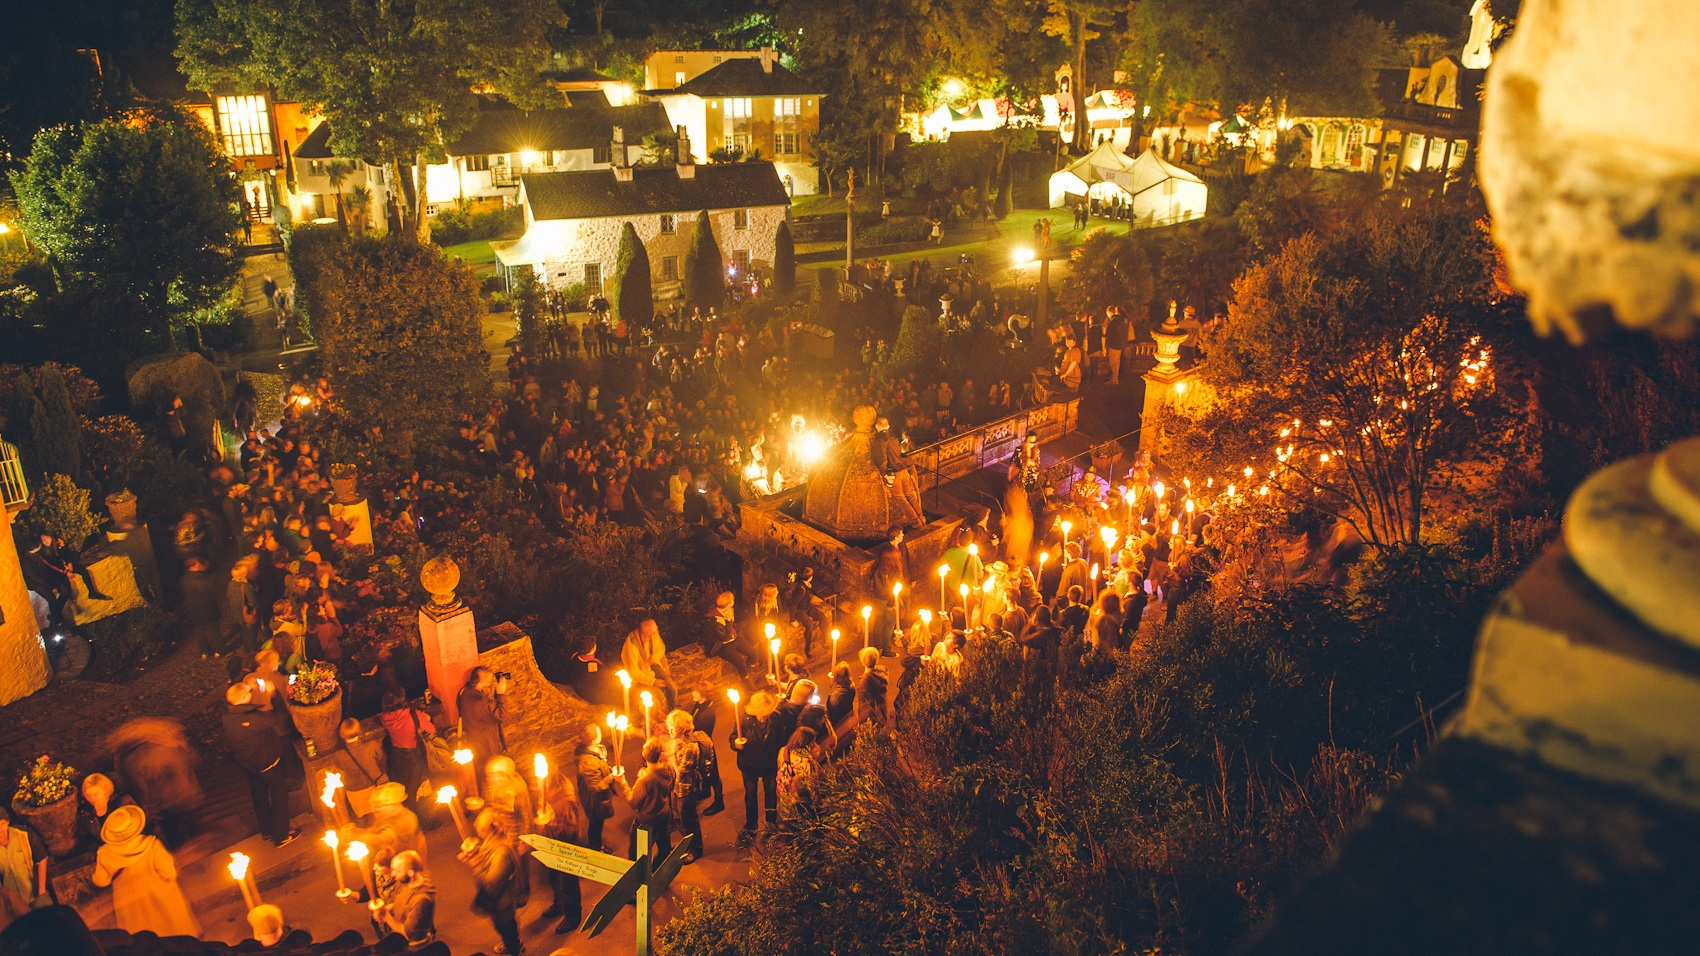 Festival No 19, Portmeirion